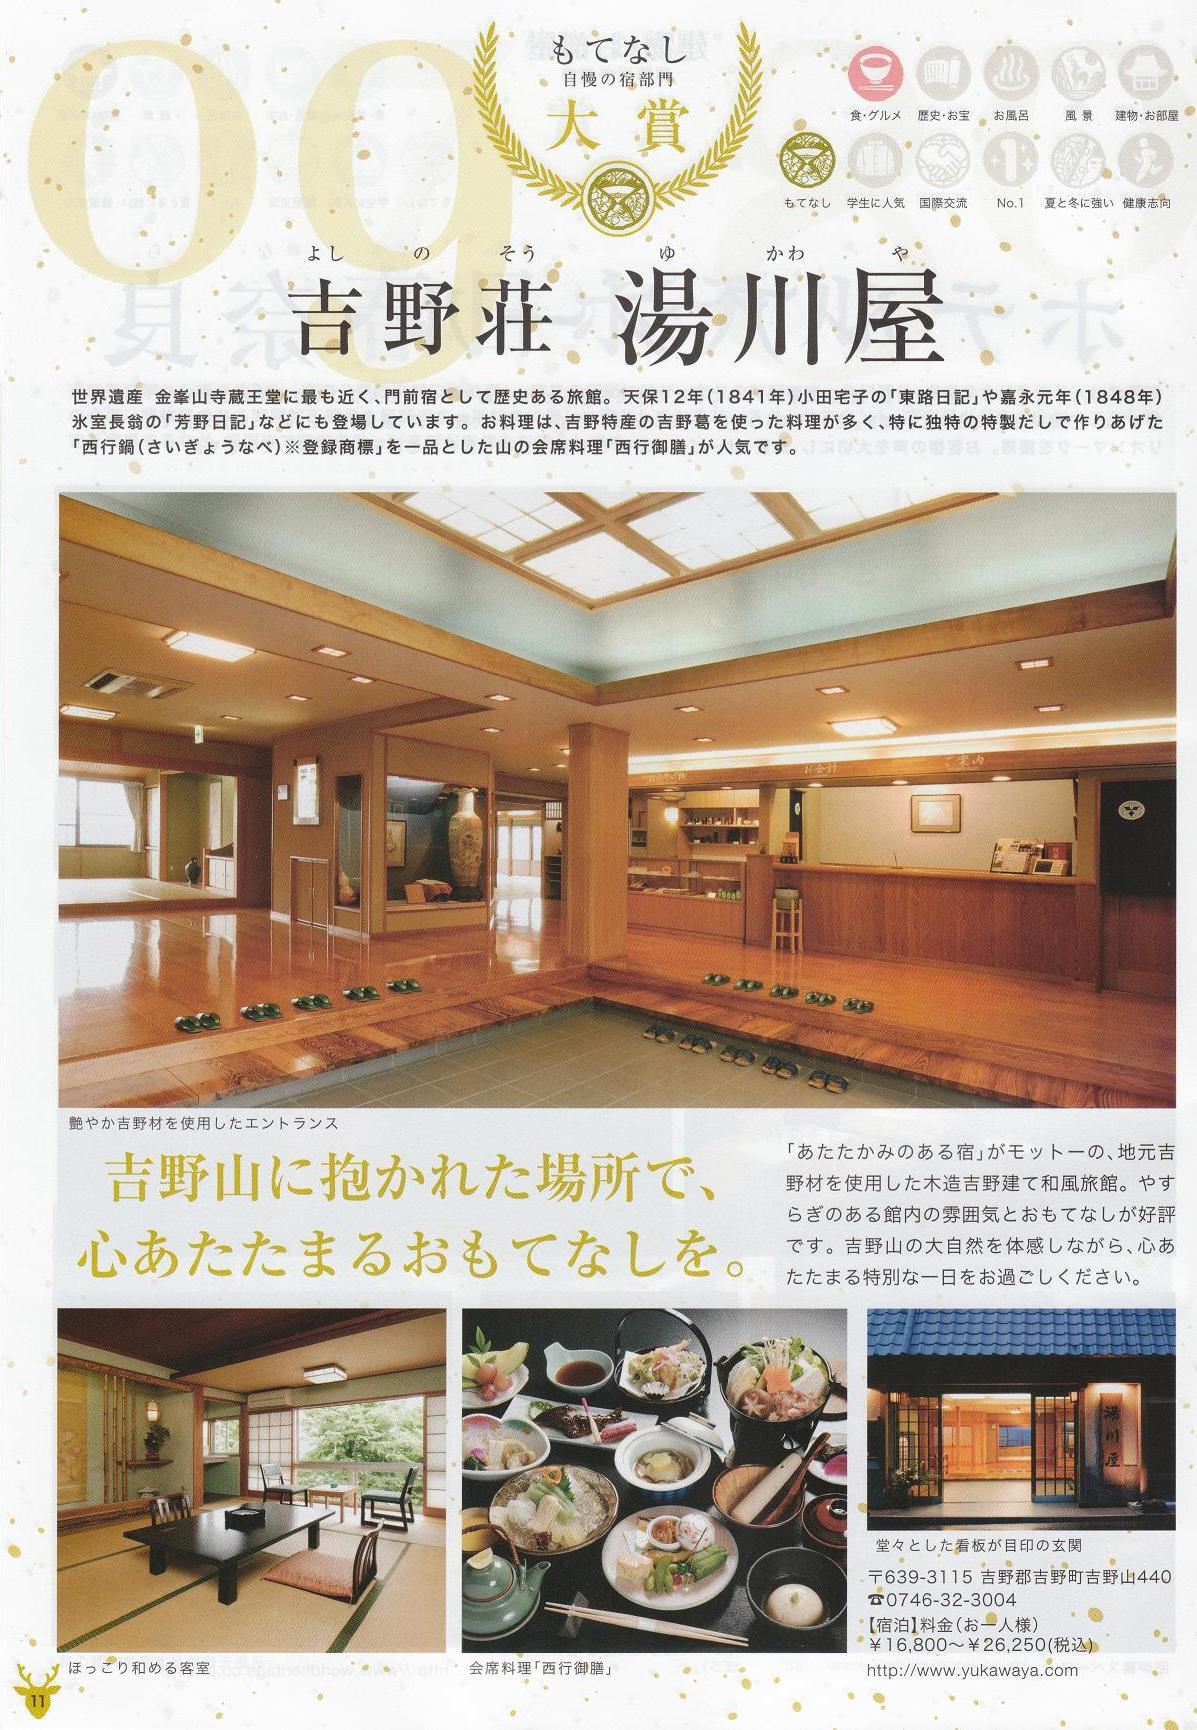 「奈良のお宿自慢」の小冊子が出版されました_e0154524_1039742.jpg